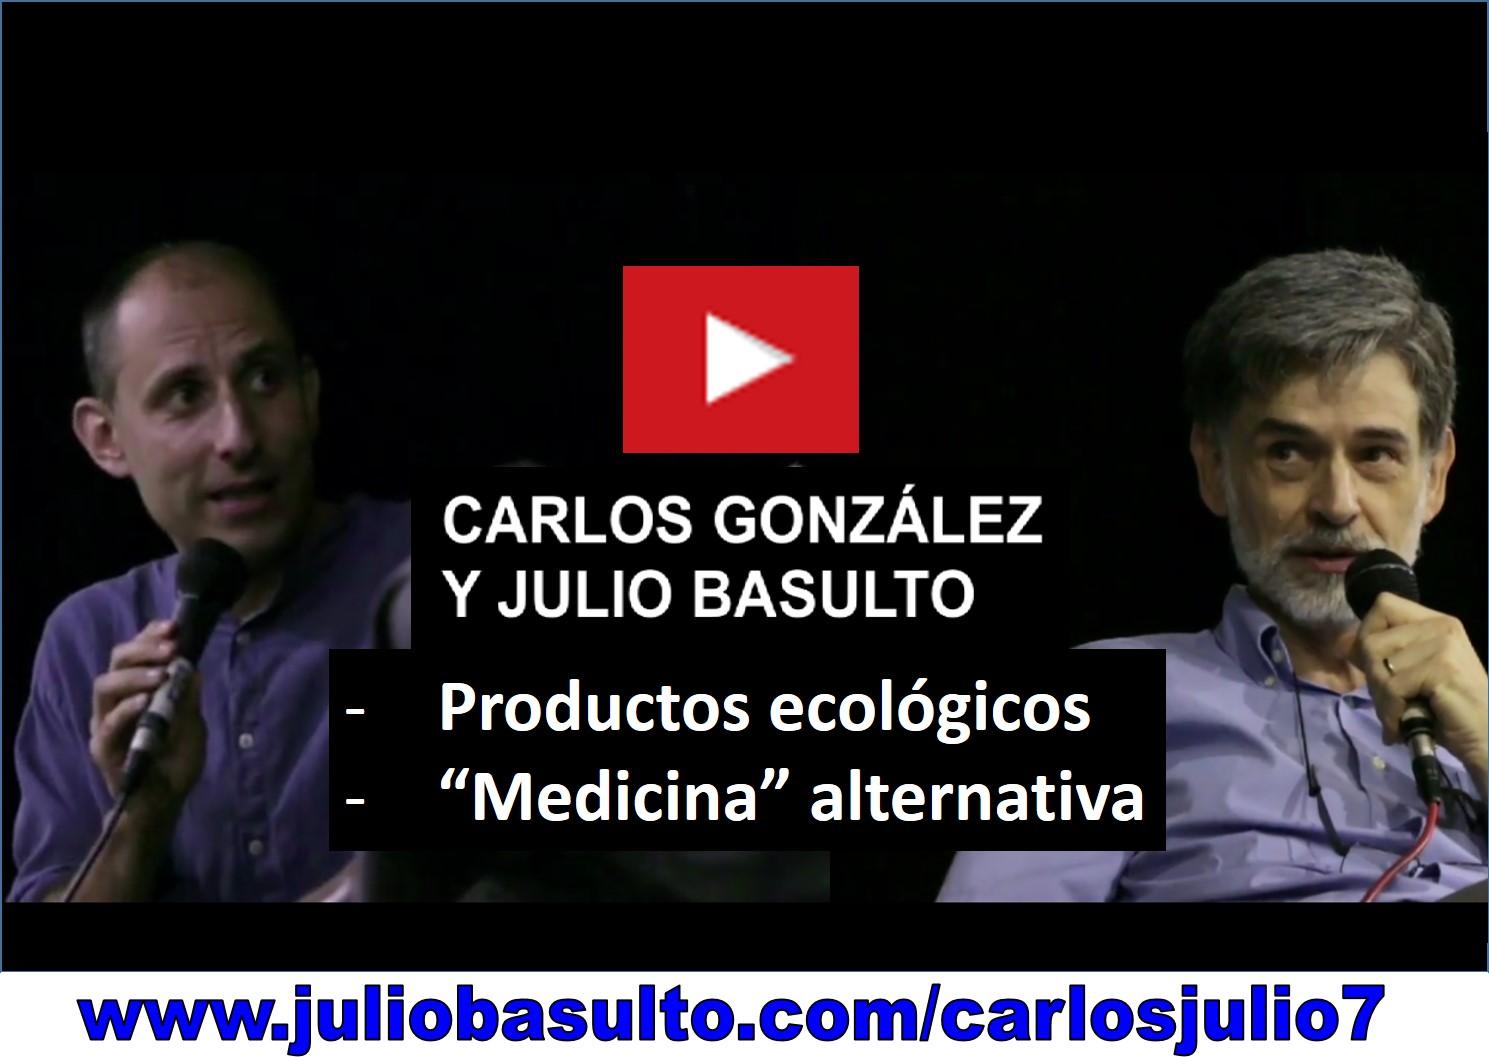 Vídeo de Carlos González y Julio Basulto en Barcelona (7º fragmento)